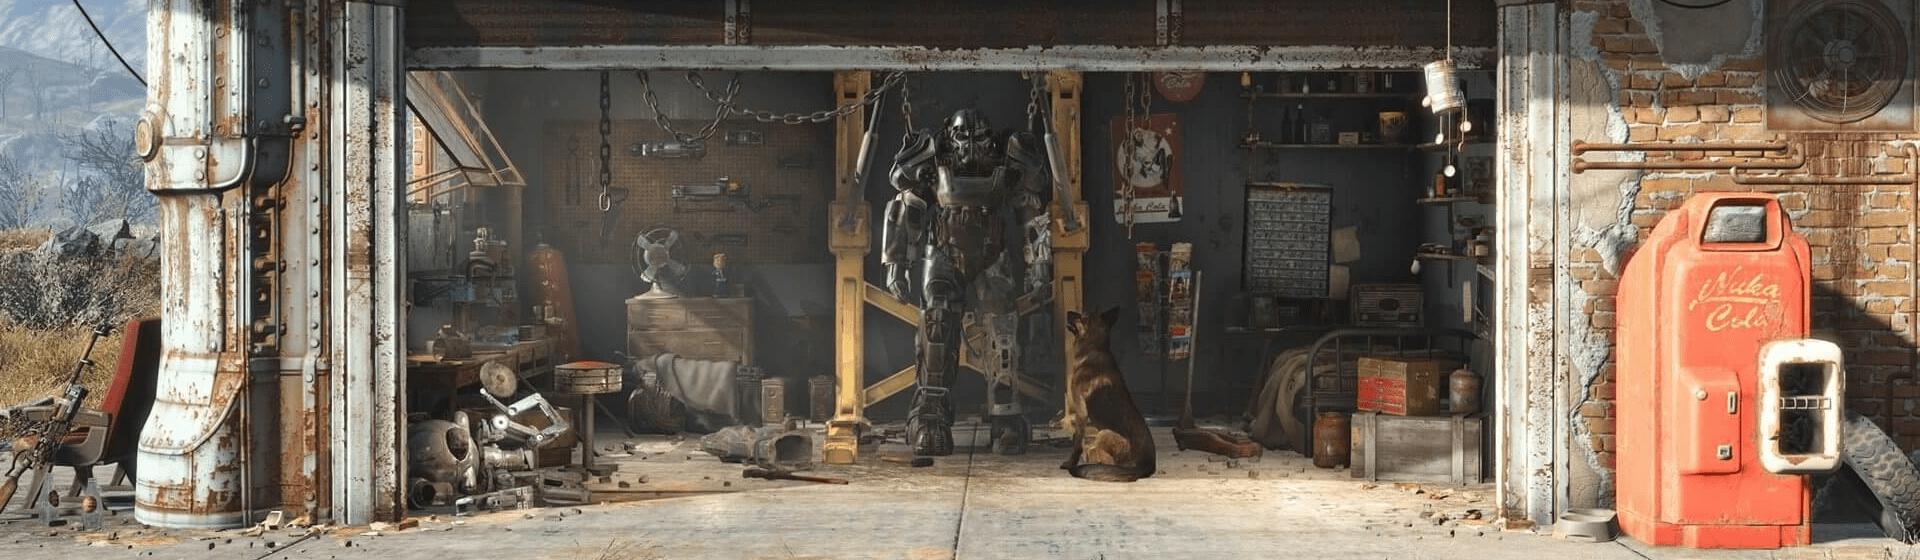 Fallout 4: requisitos mínimos e recomendados no PC